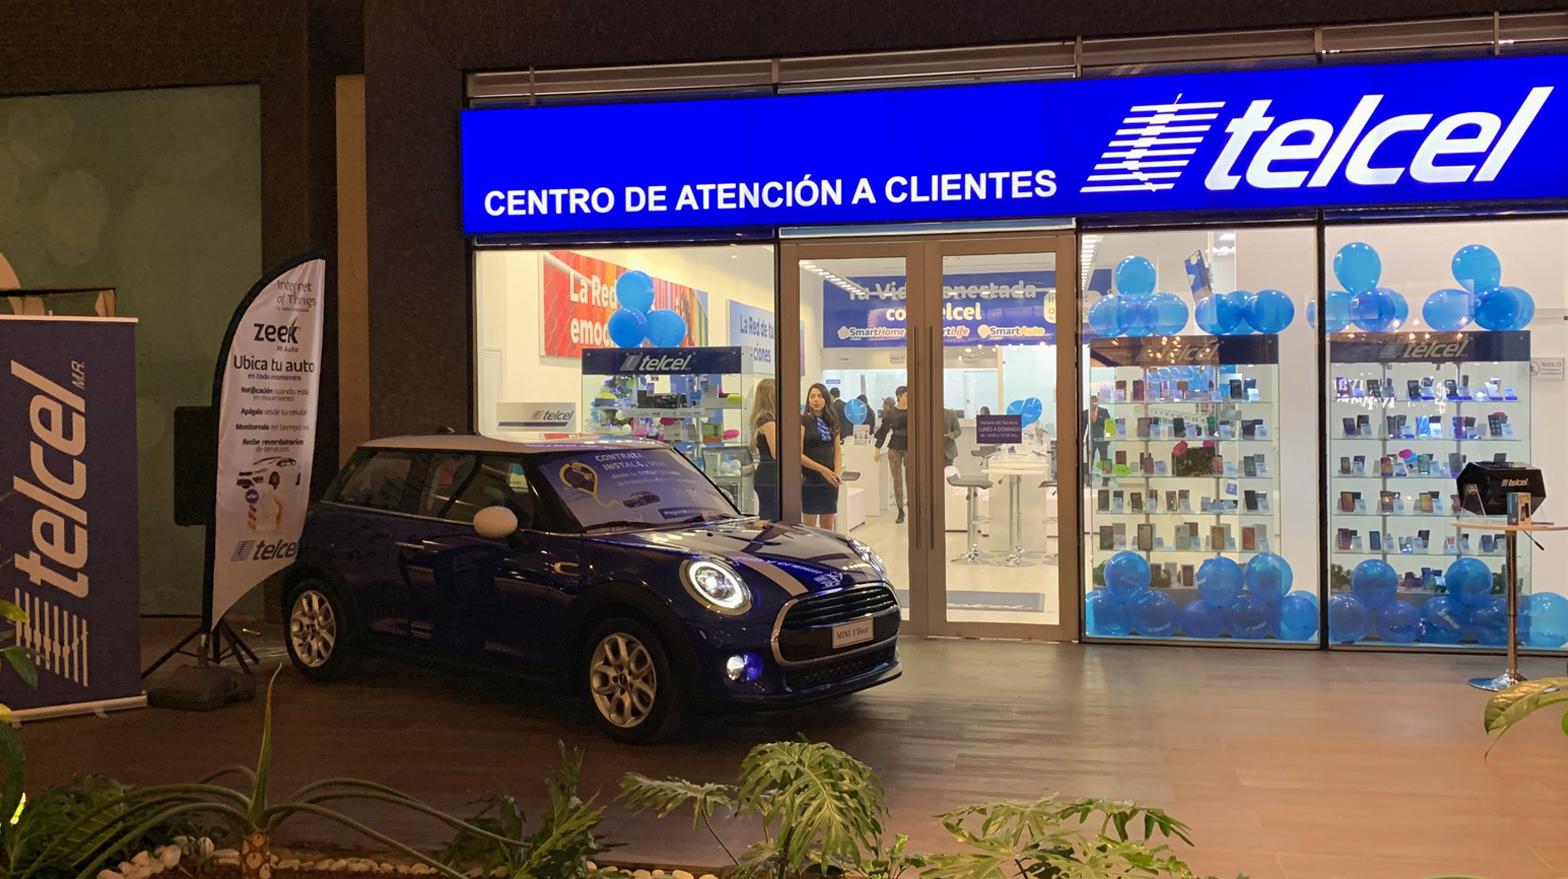 Apertura Centro de Atención a Clientes TELCEL en Esfera Monterrey